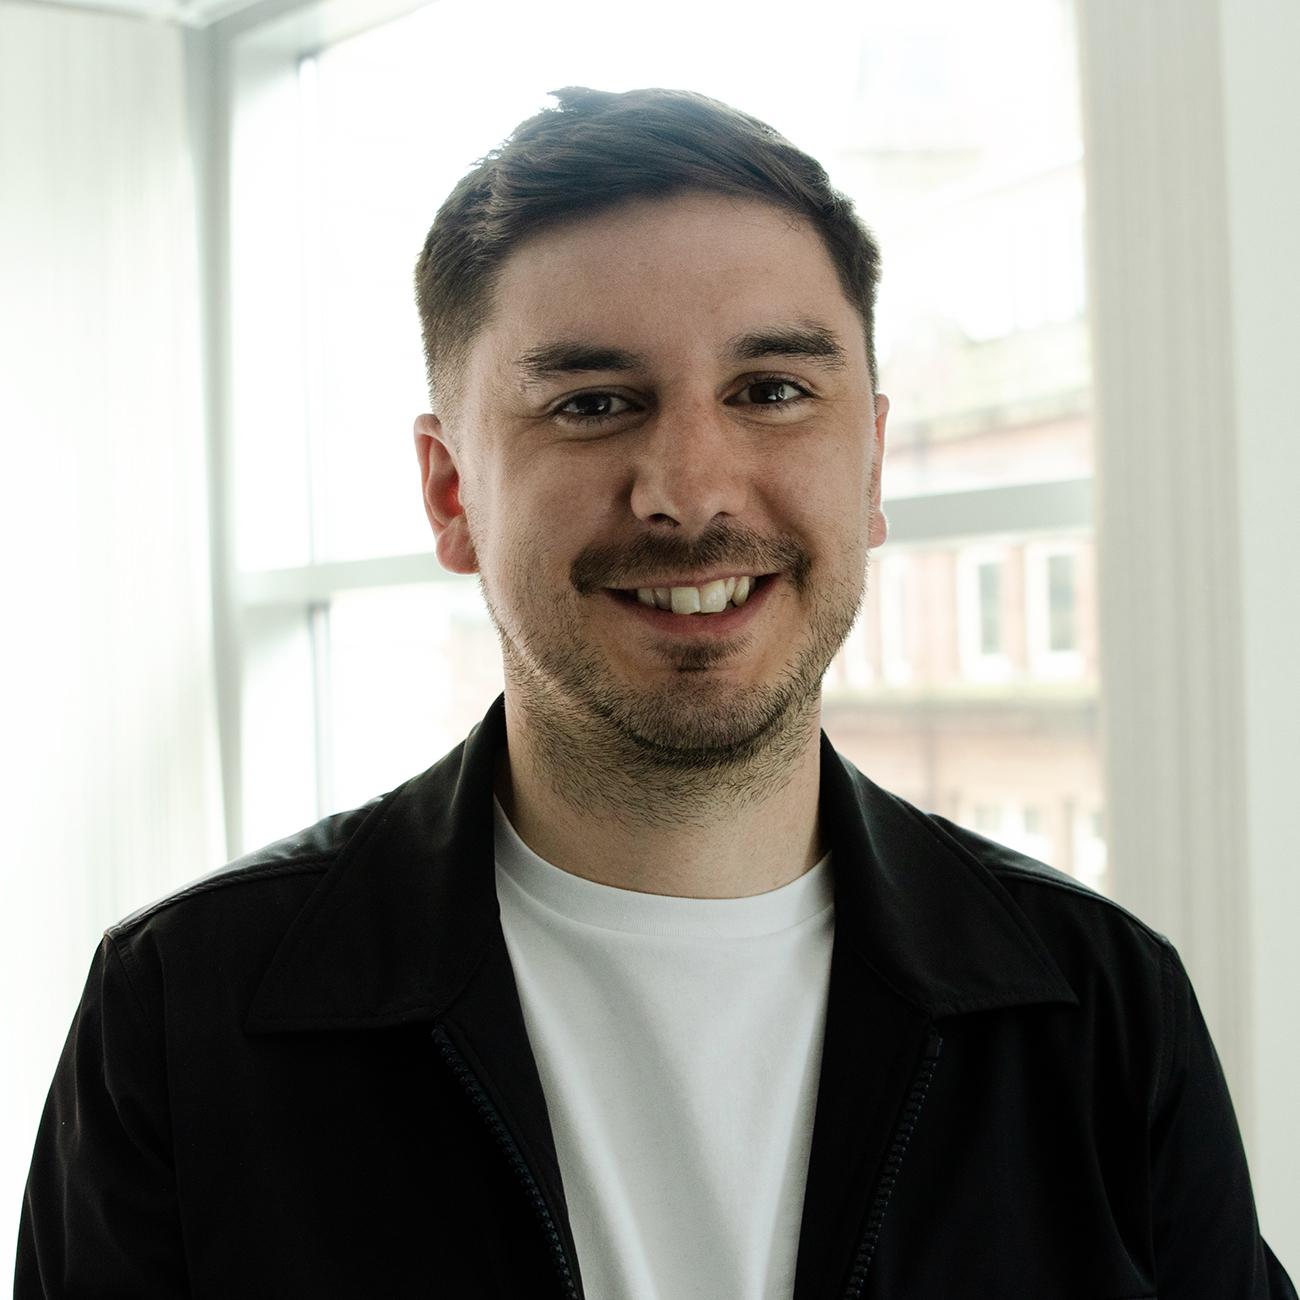 Luke Adler accountant based in manchester